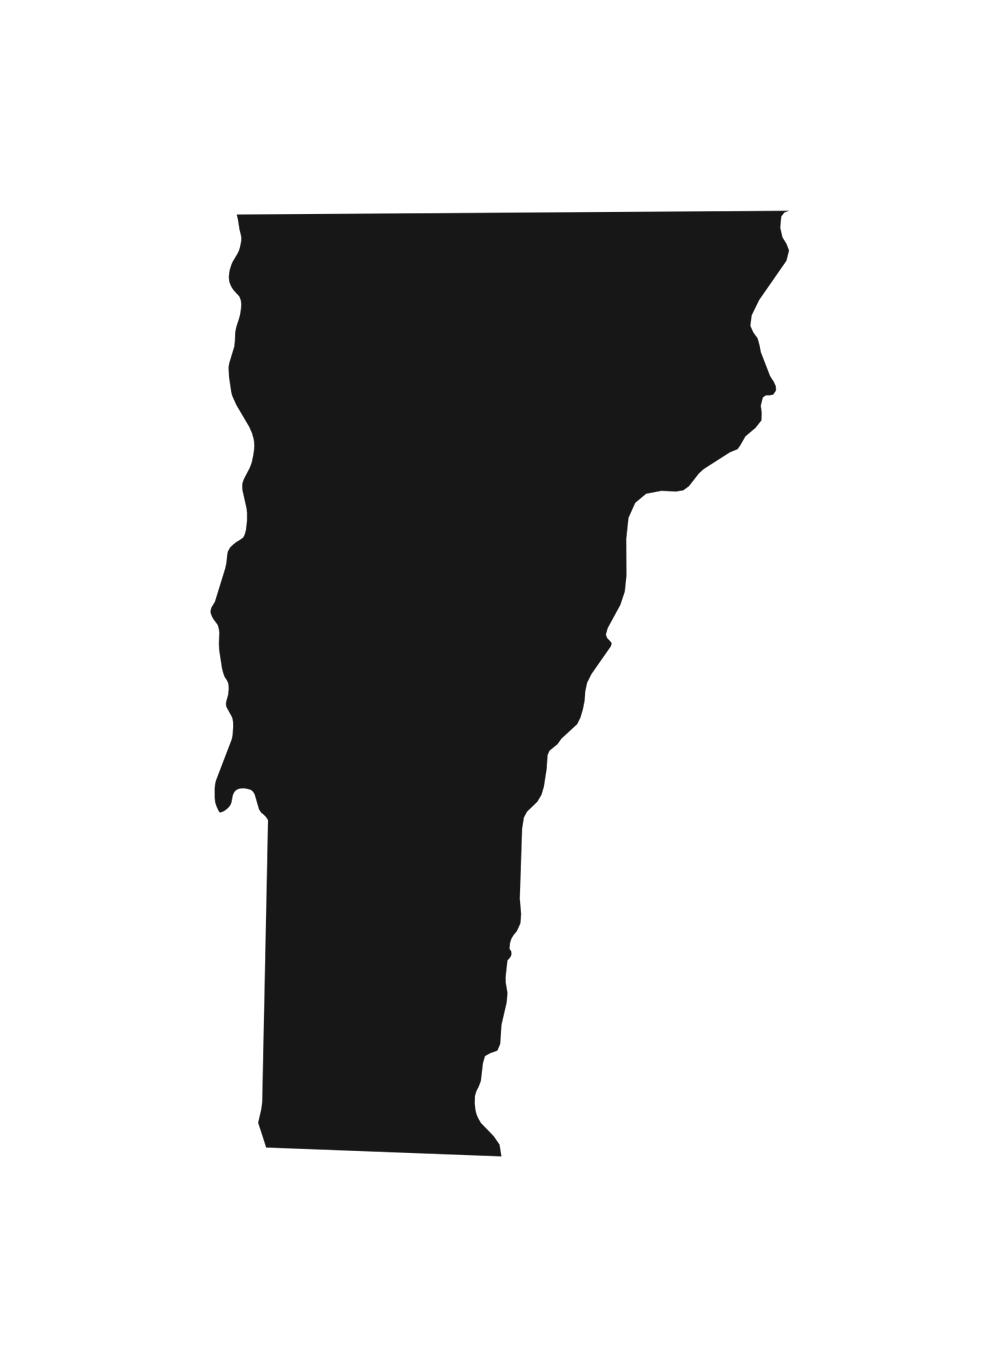 logo (50).png